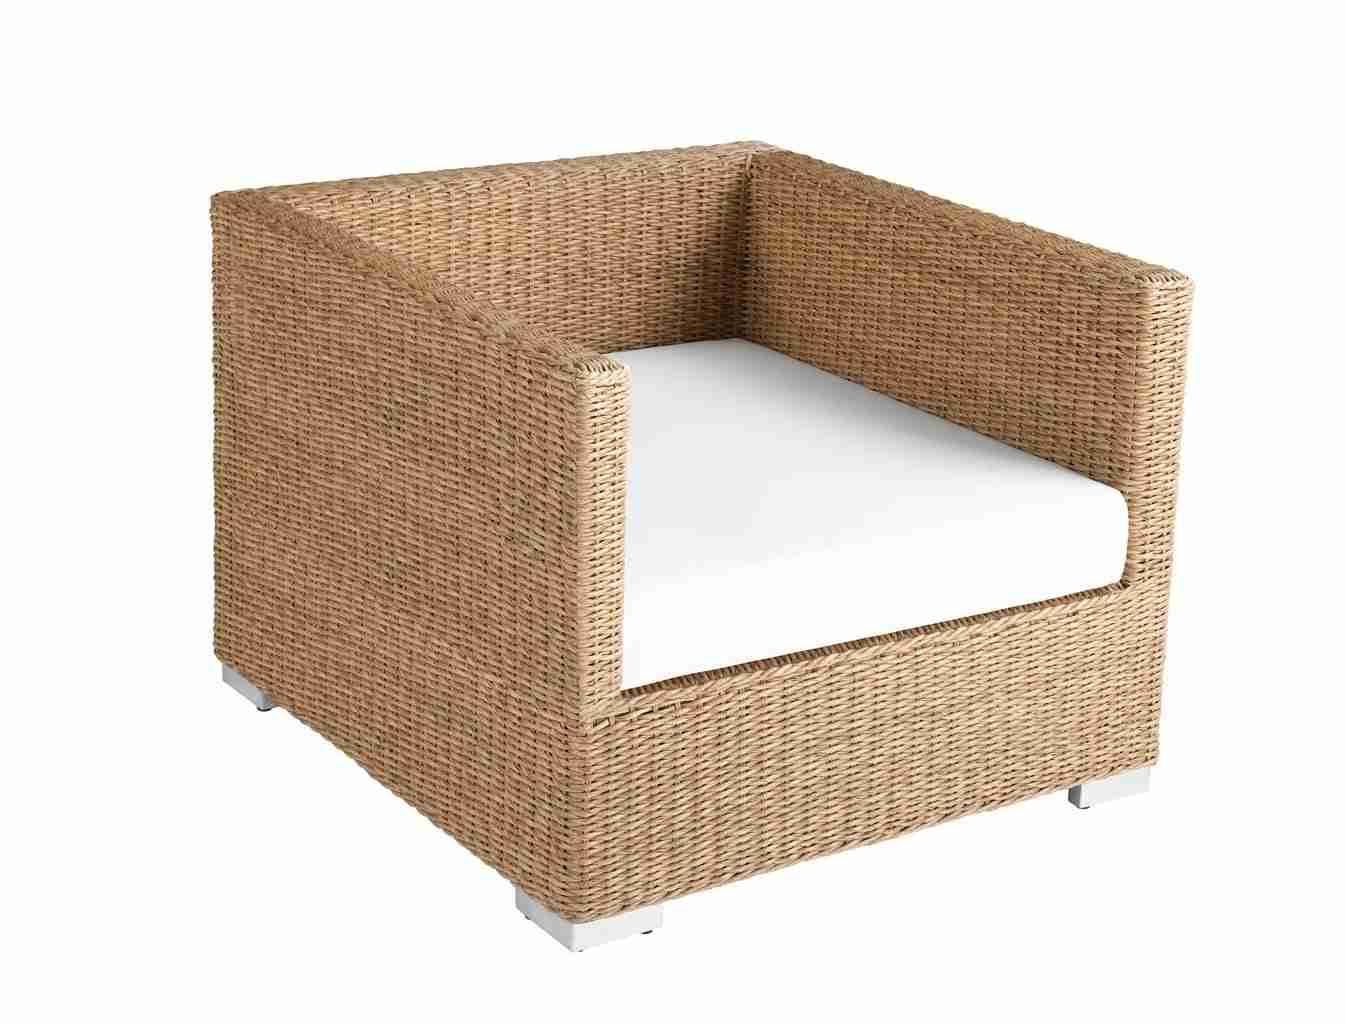 MBM_Bellini_lounge_Twist_Zitteninjetuin_fauteuil_01